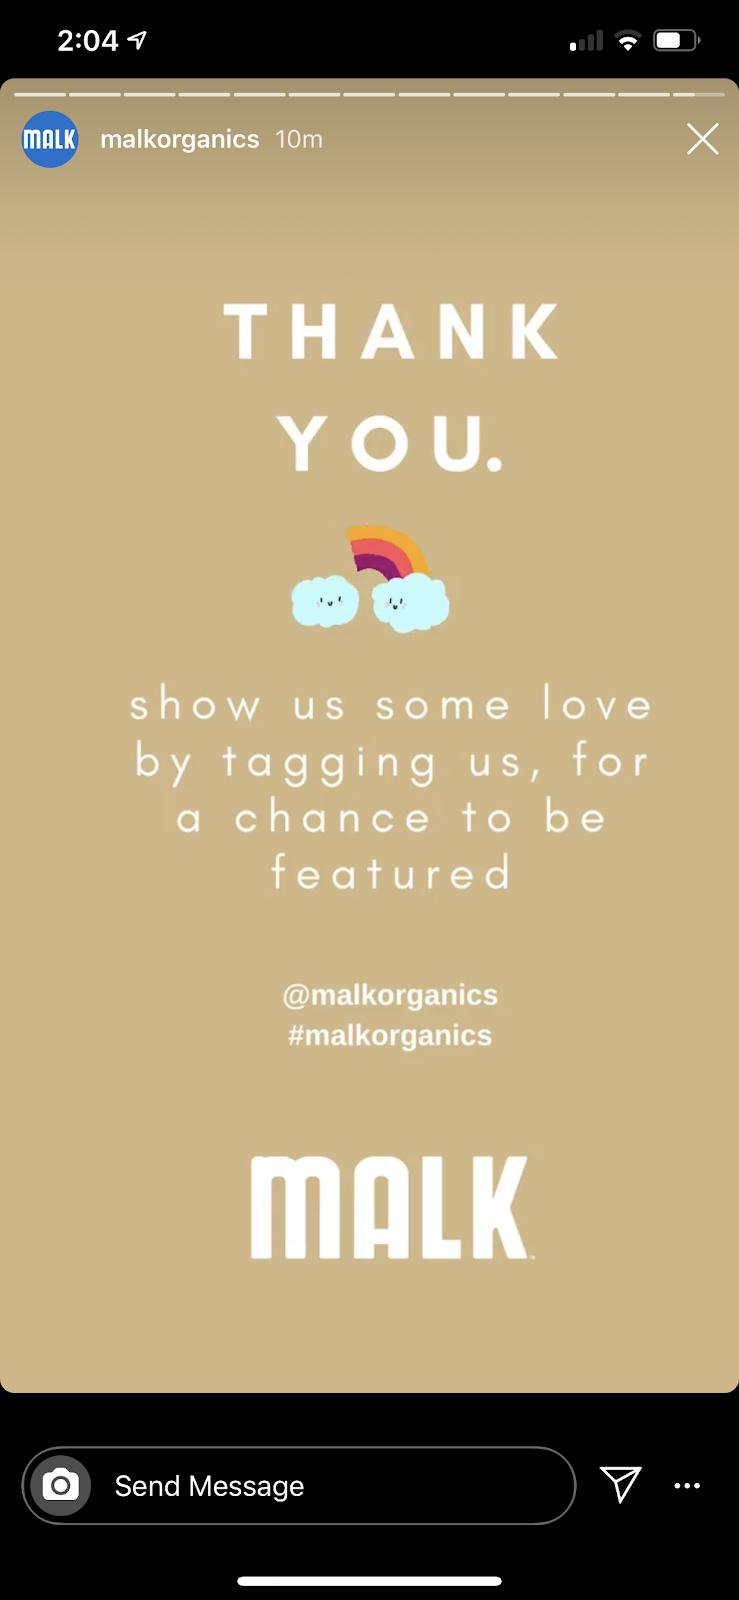 sending DM's from Instagram stories